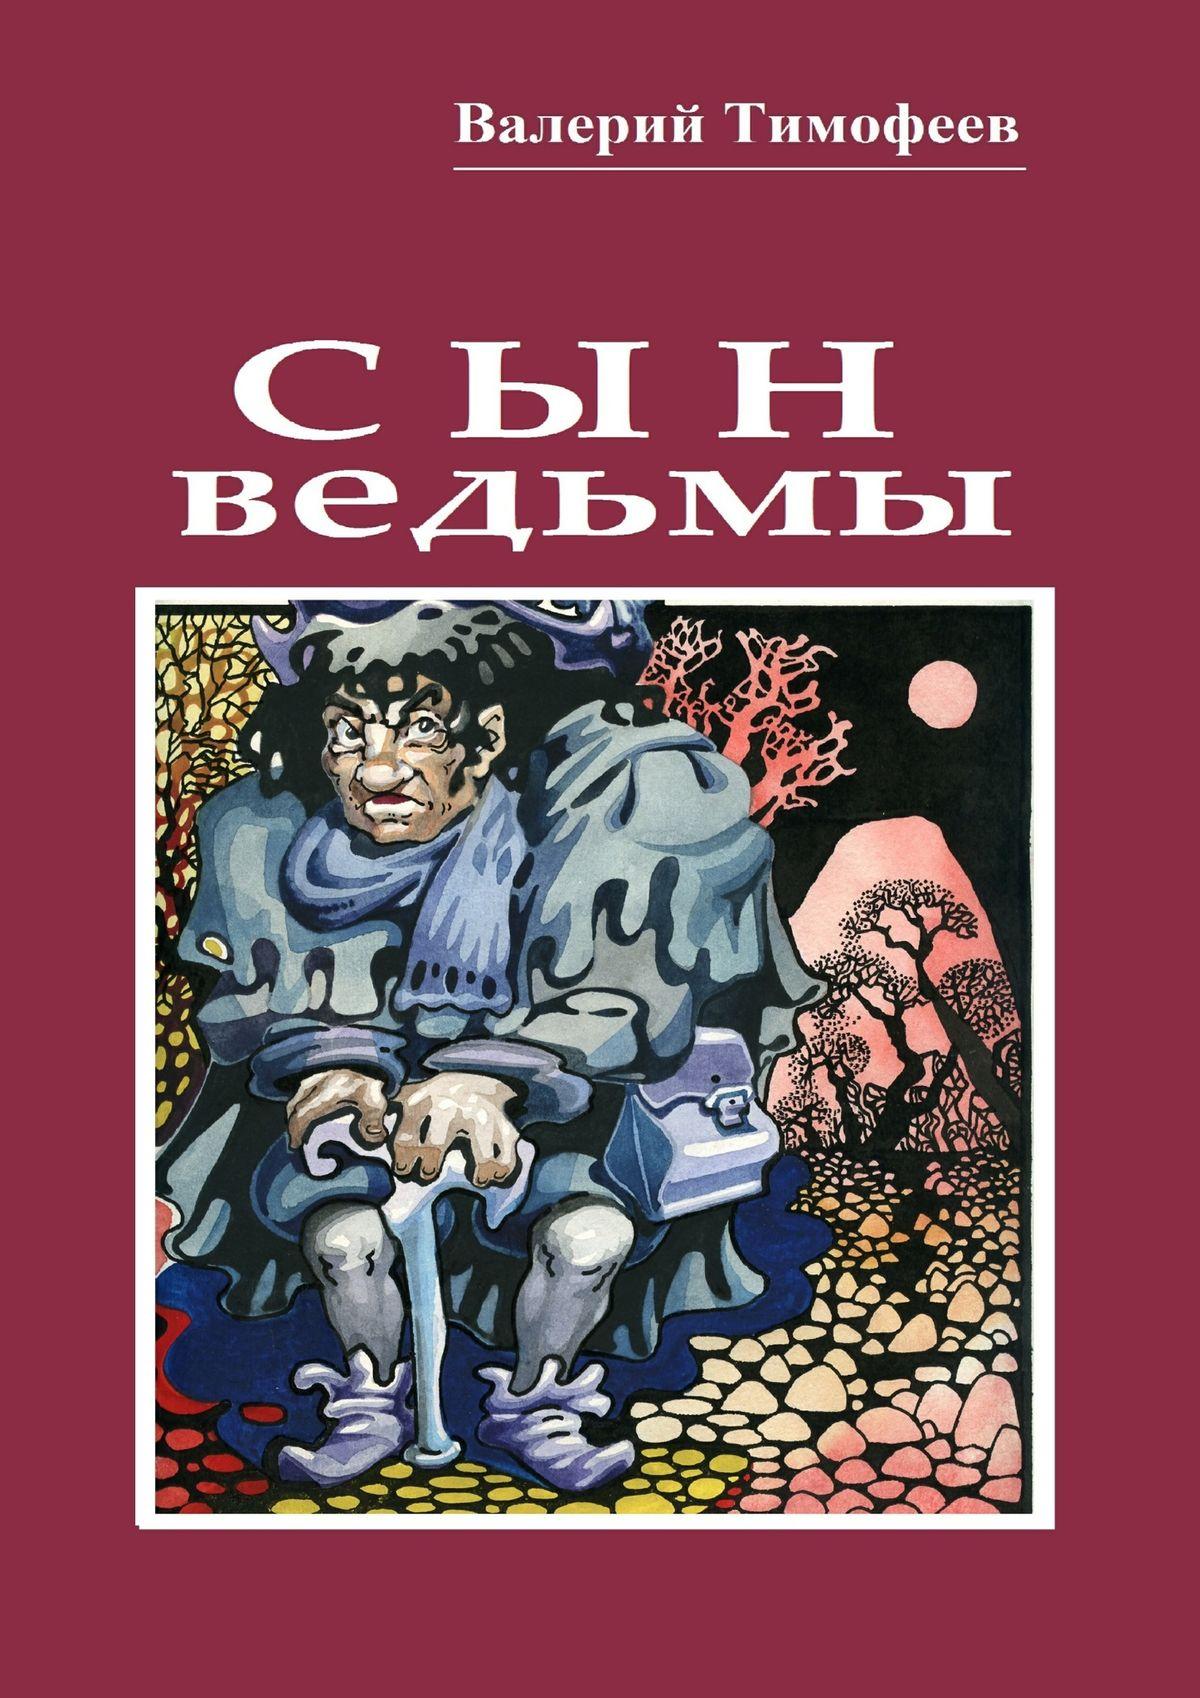 Валерий Тимофеев Сын ведьмы. Волшебная сказка цена и фото